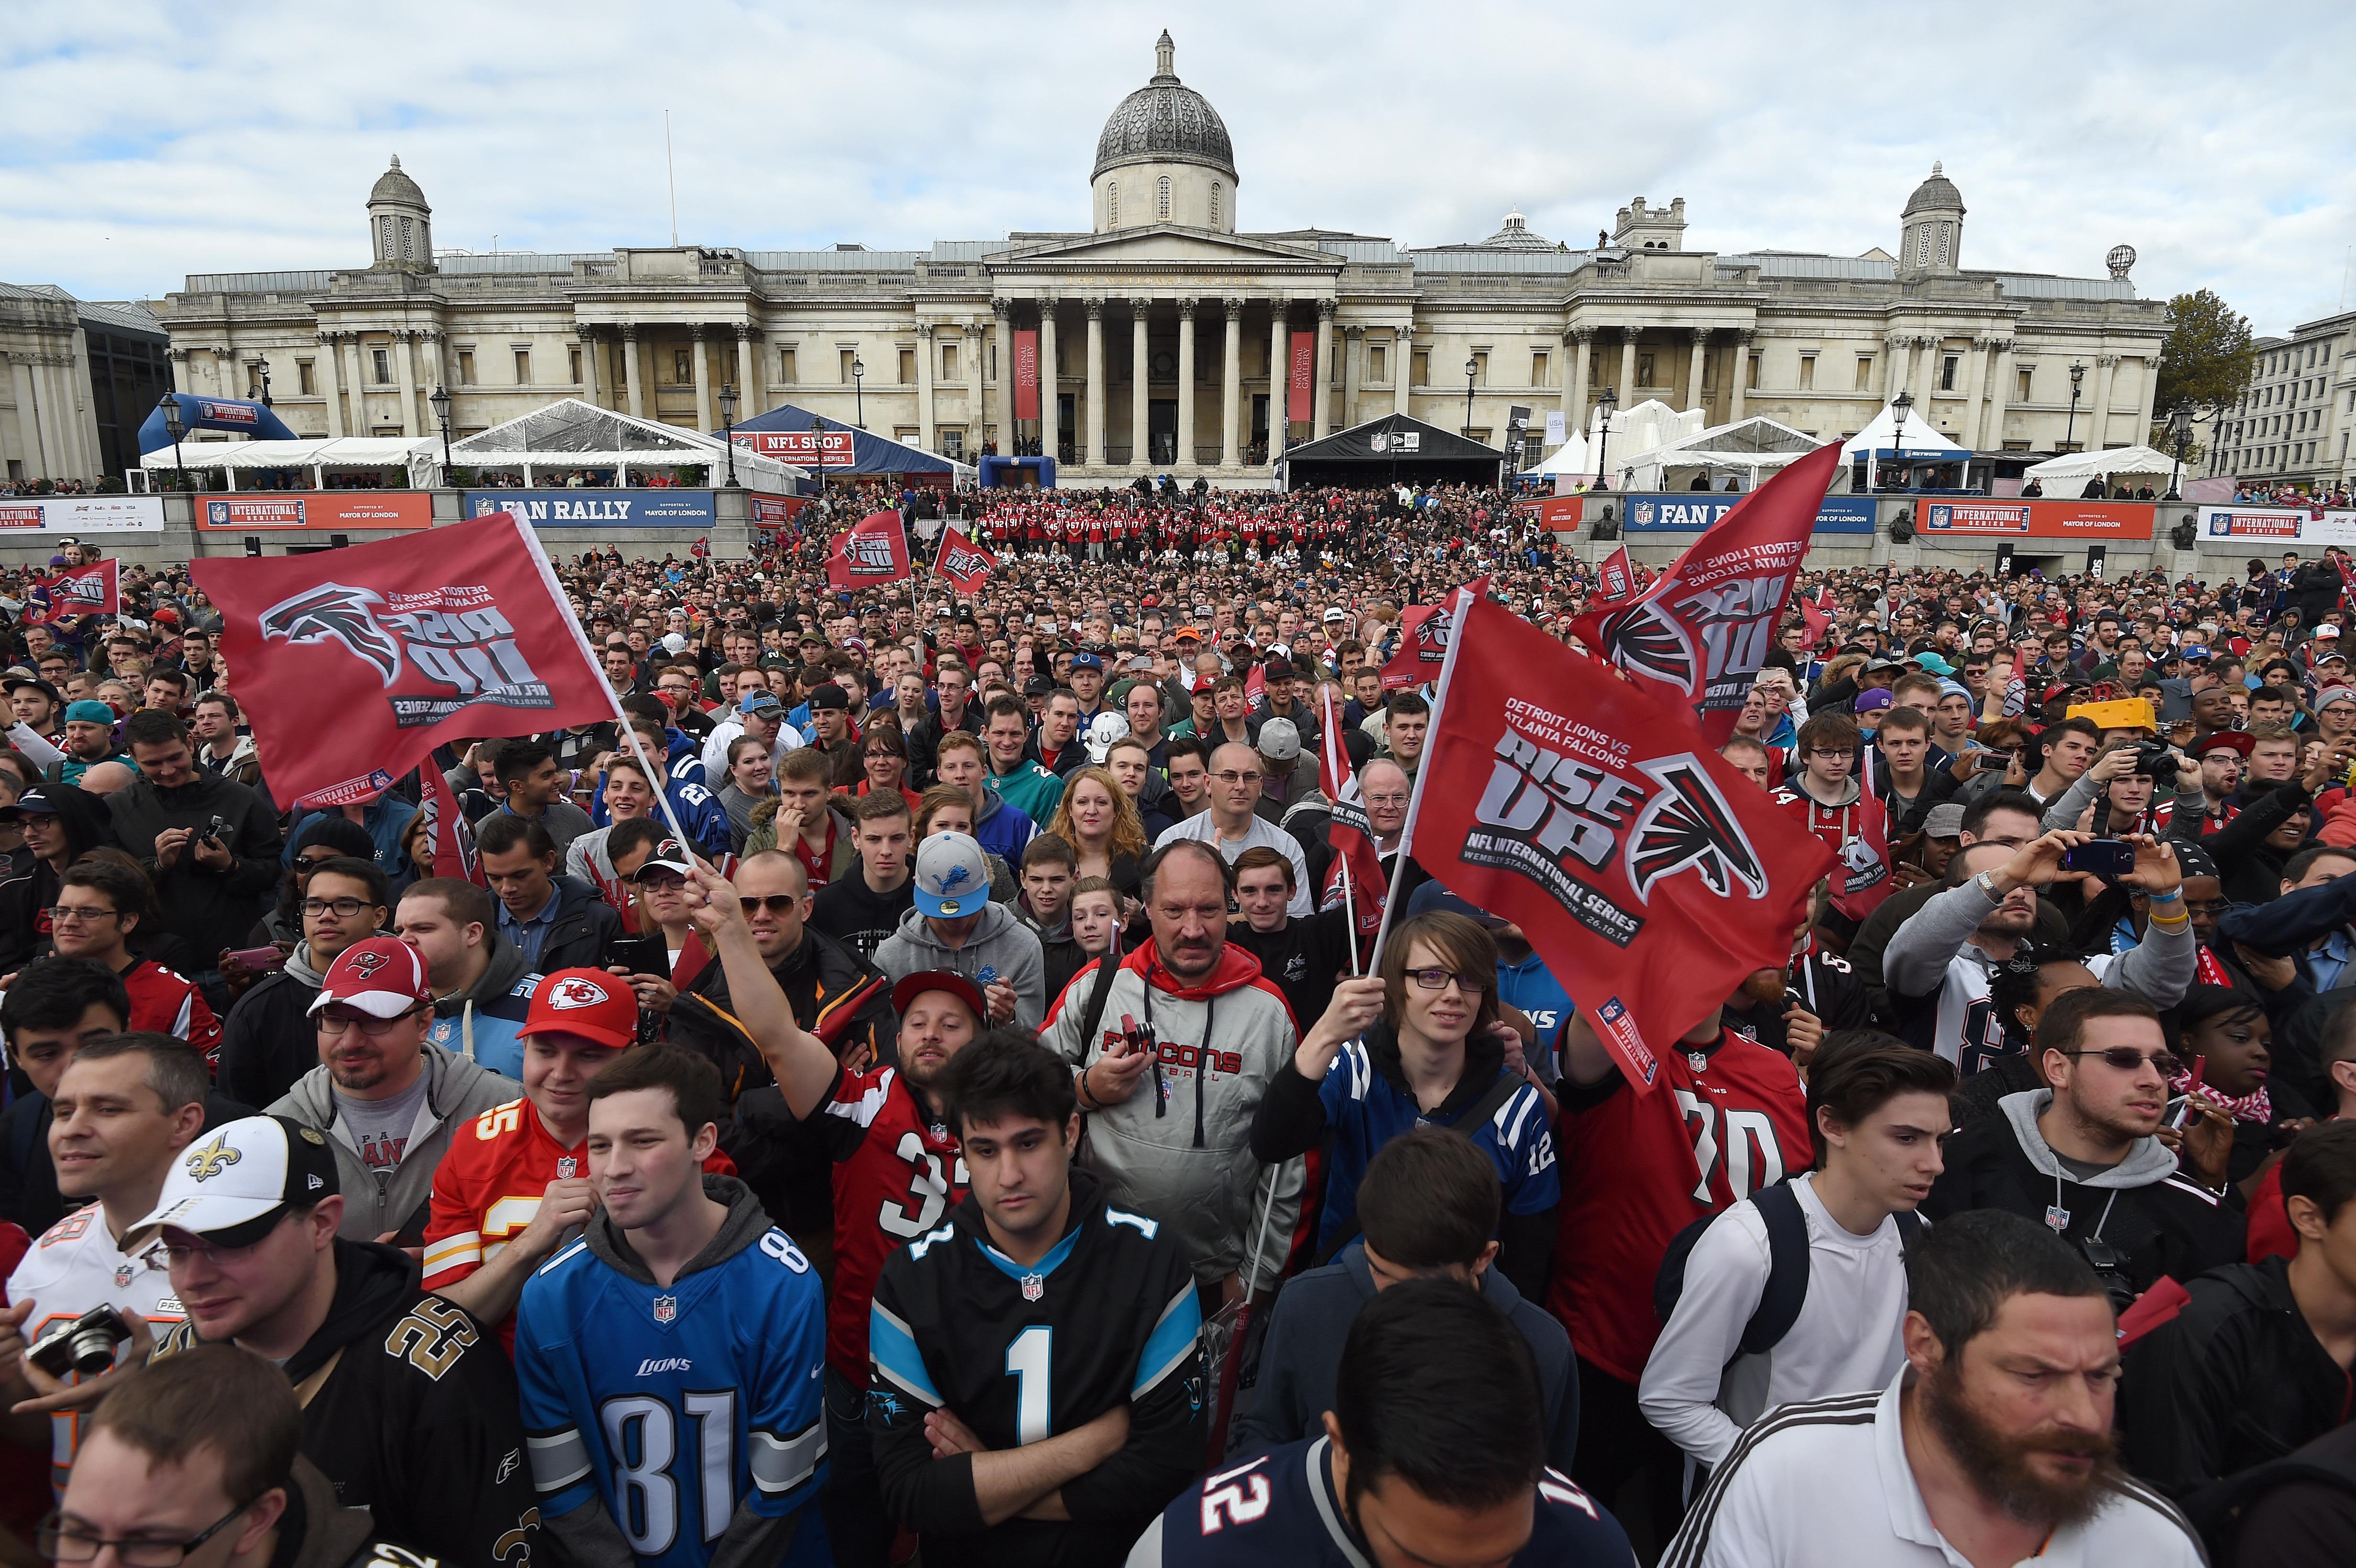 NFL Fans London